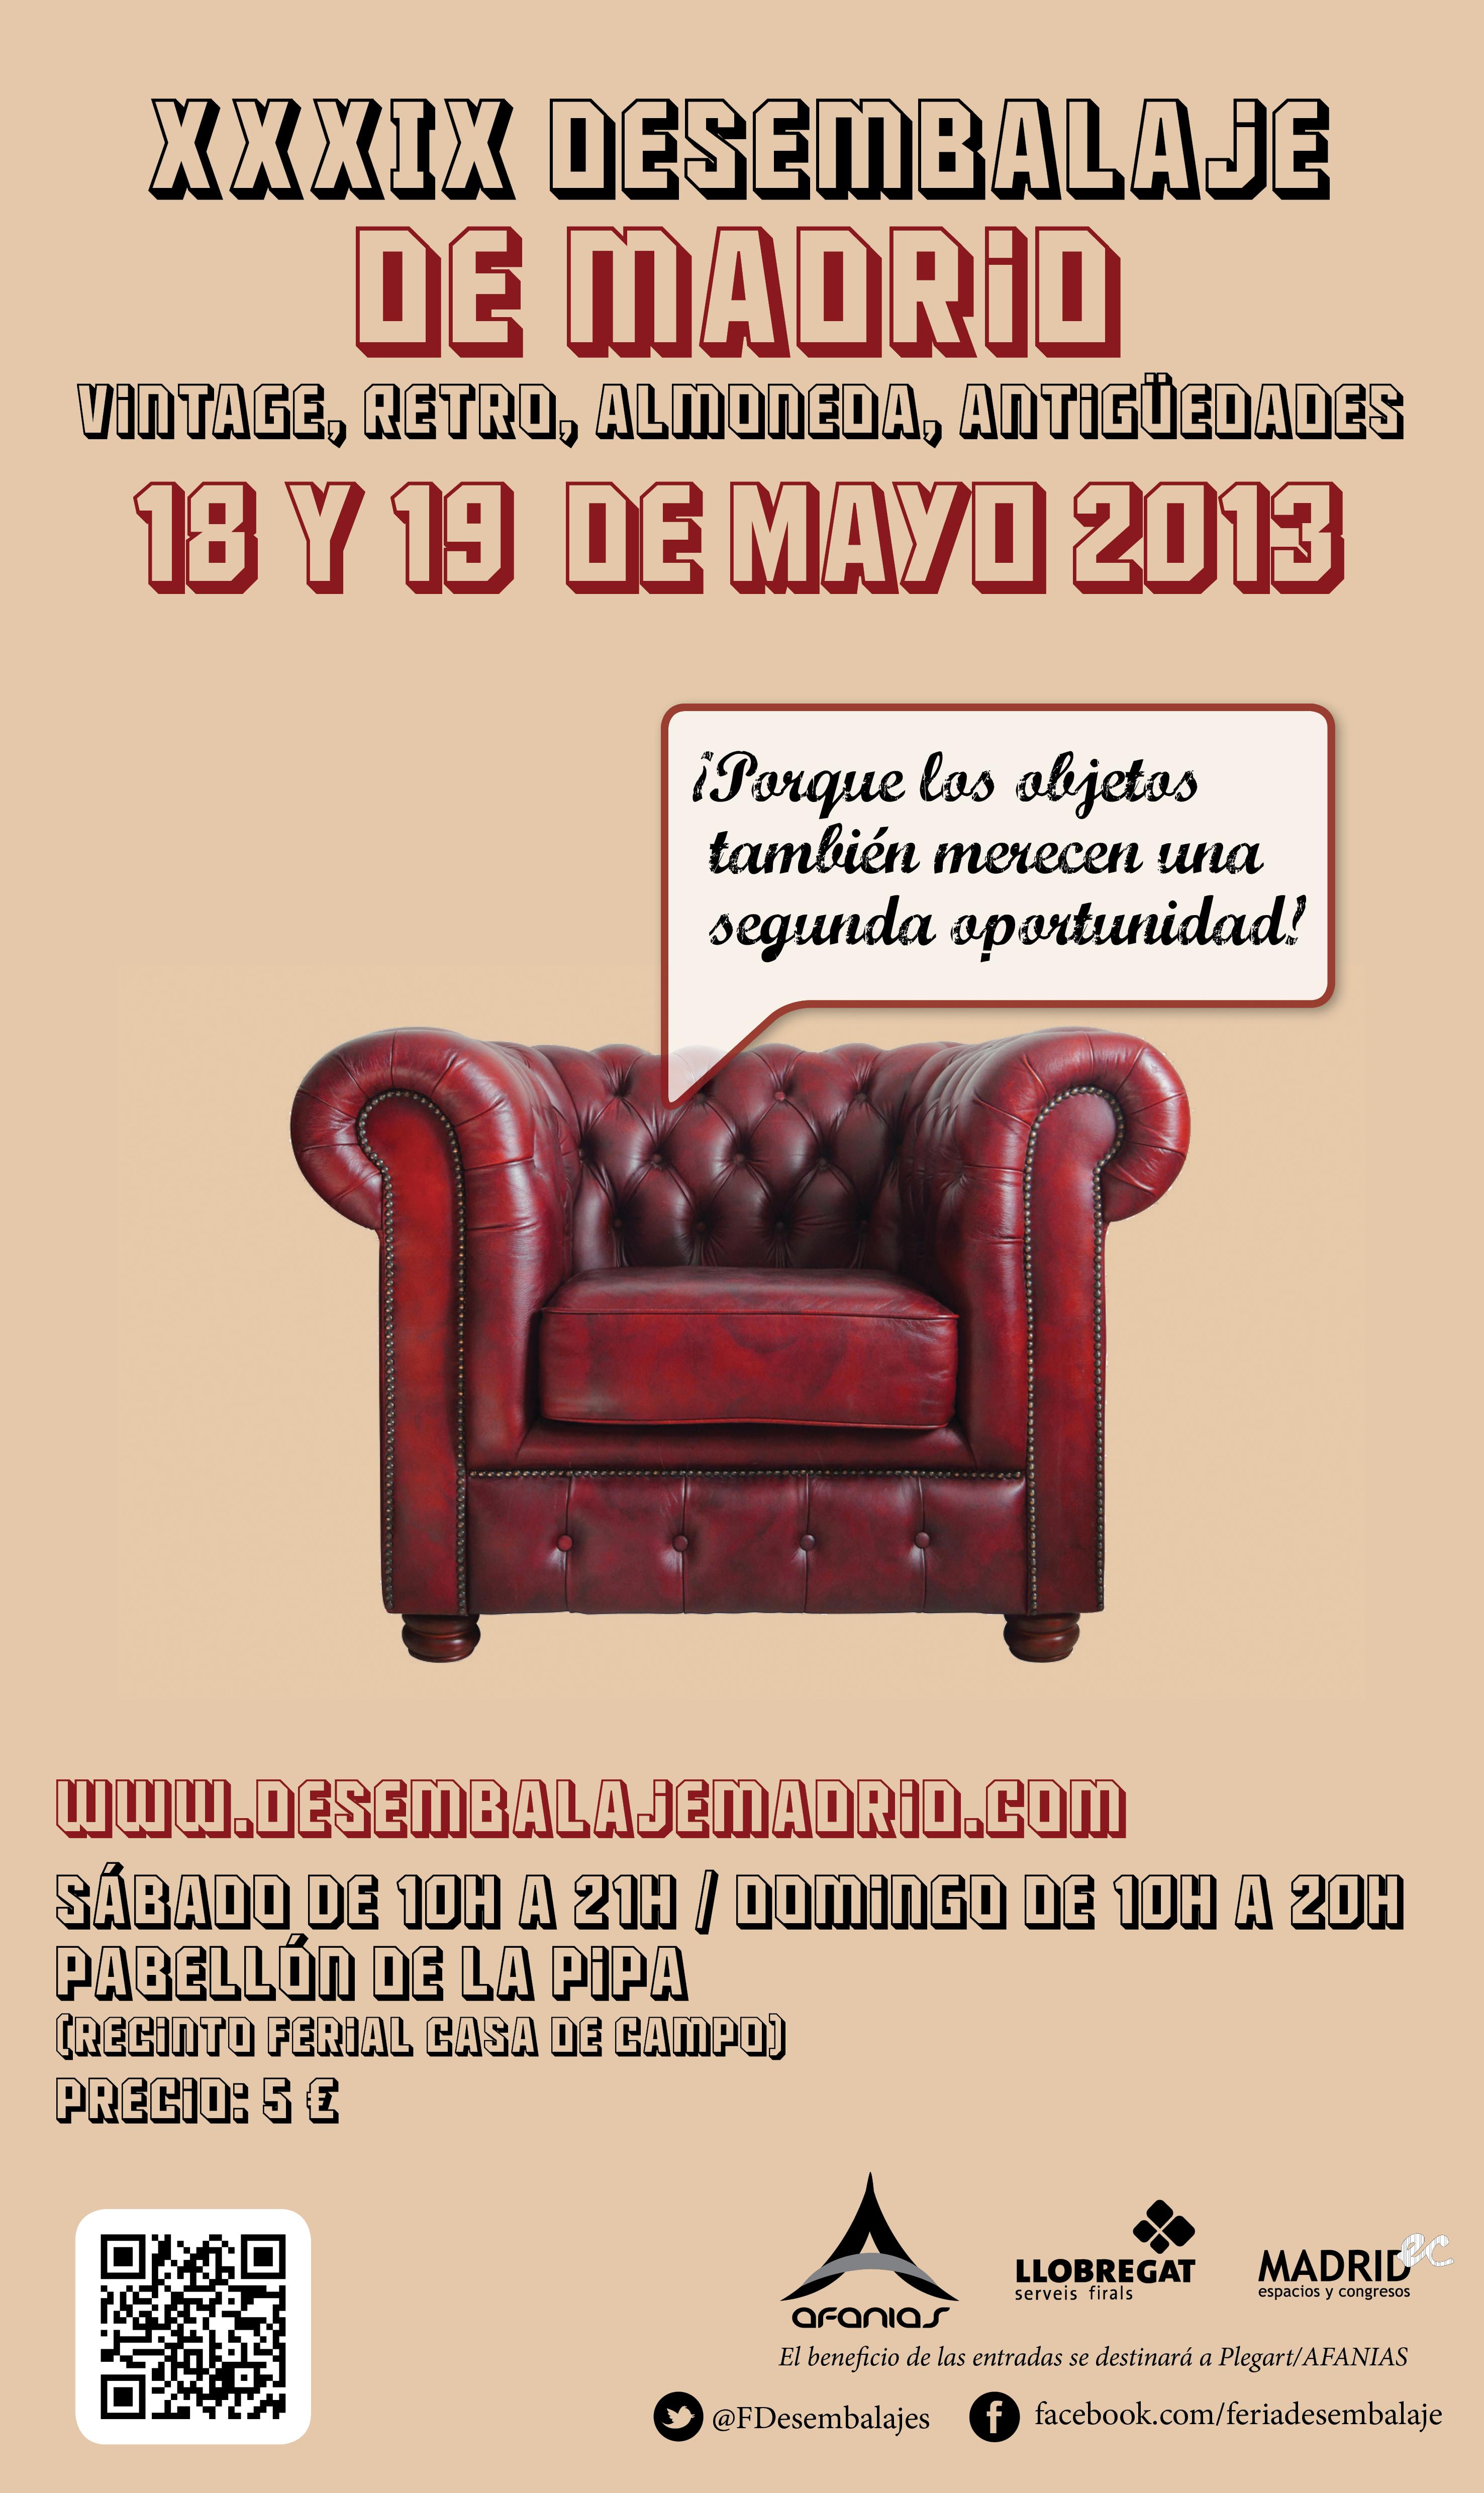 El pabell n de la pipa acoge objetos vintage almoneda y antig edades ayuntamiento de - Recinto ferial casa de campo madrid ...